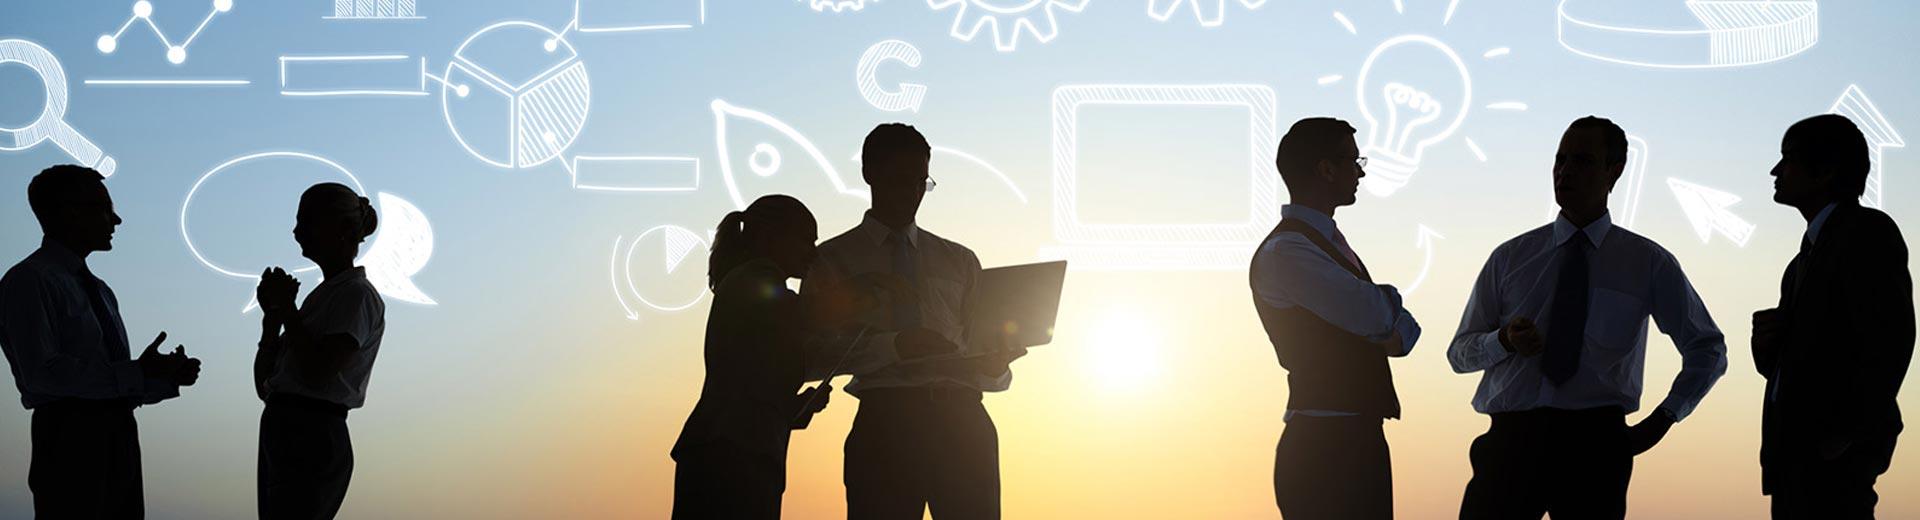 Γιατί είναι σημαντική η αξιολόγηση απόδοσης εργασίας;